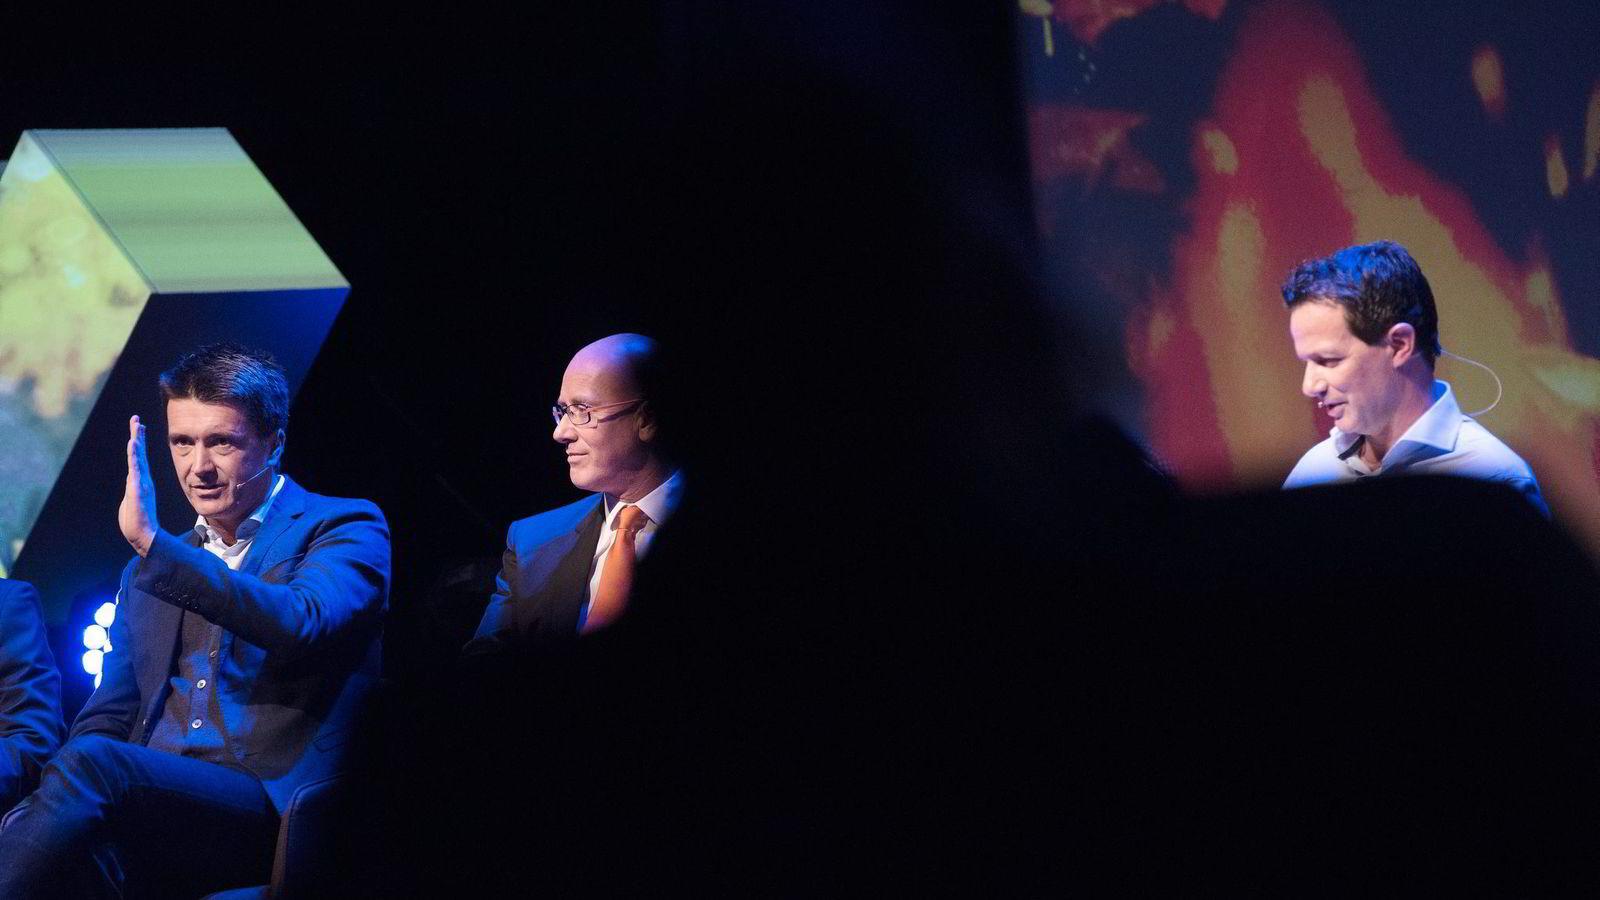 Ole Robert Reitan i Rema (fra venstre), Geir Inge Stokke i Coop Norge og Runar Hollevik i Norgesgruppen i paneldebatt. Begge foto: Per Ståle Bugjerde